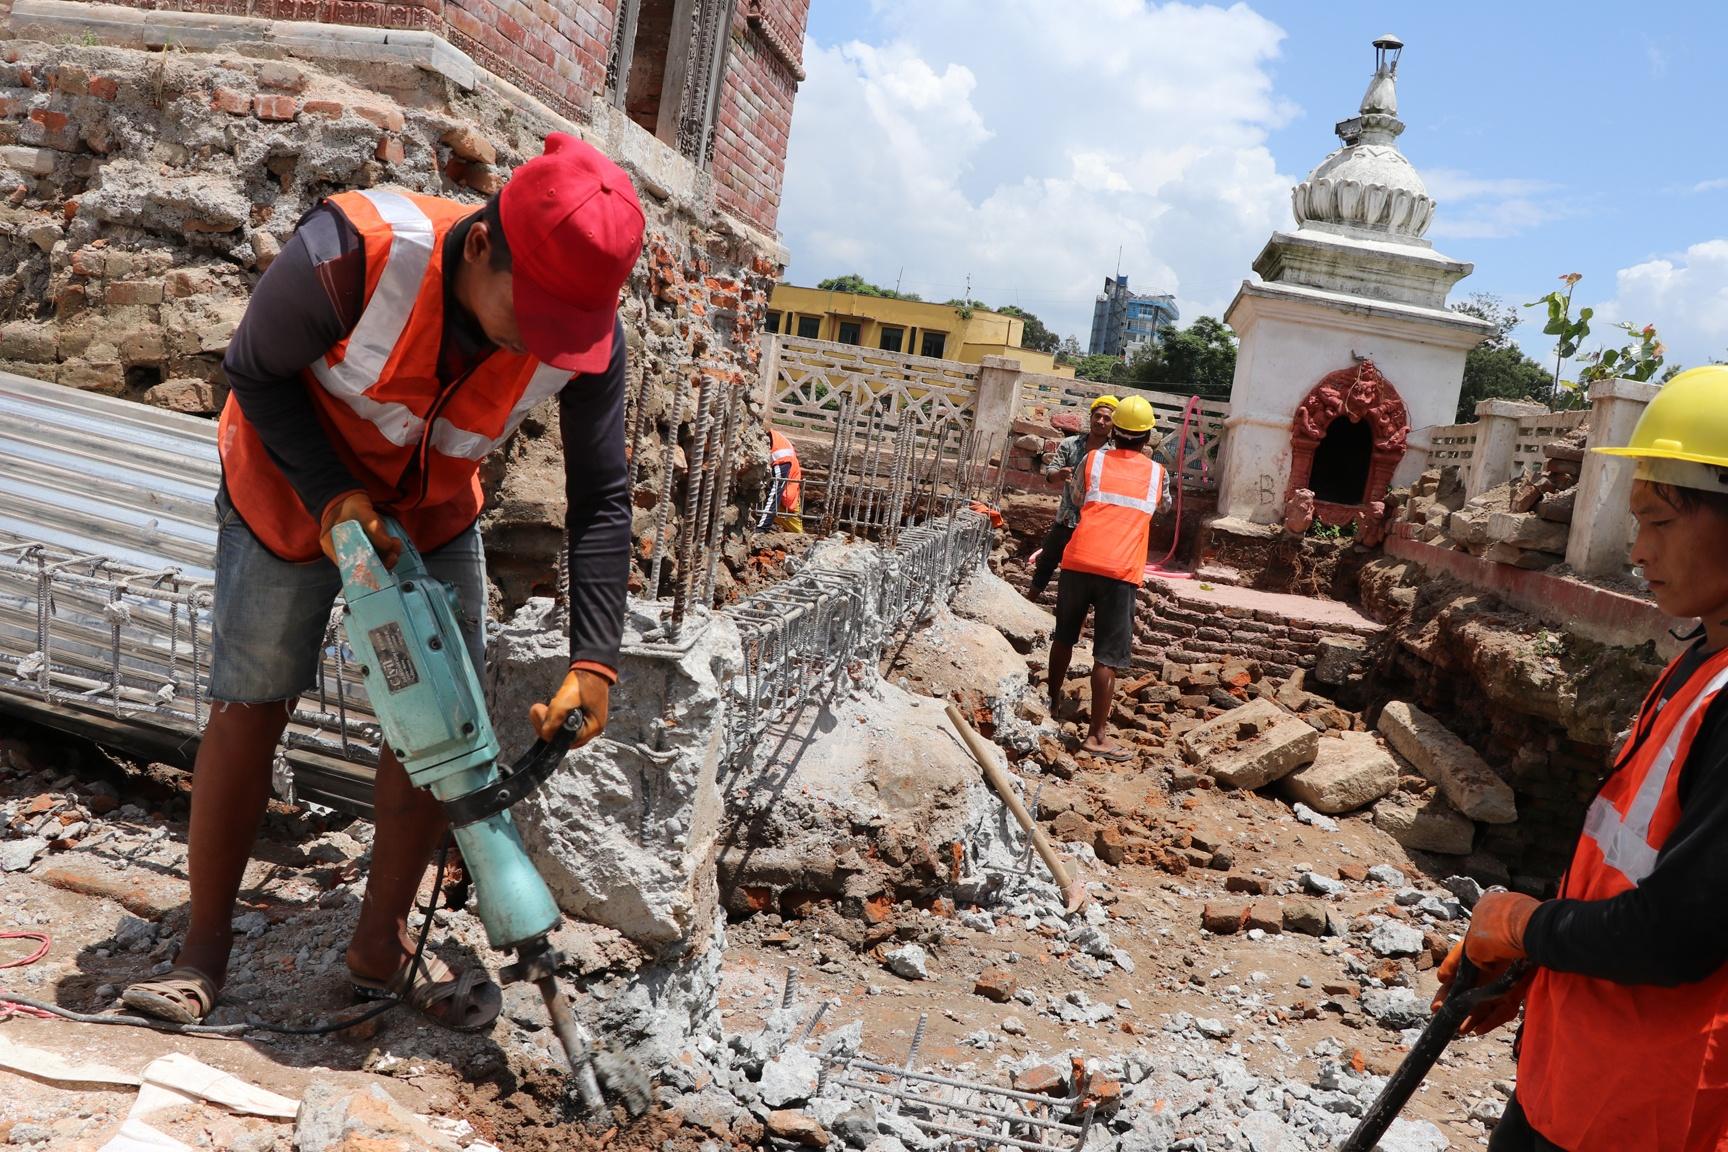 रानीपोखरीको बालगोपालेश्वर मन्दिरको शिखर शैलीमा पुनर्निर्माण सुरु